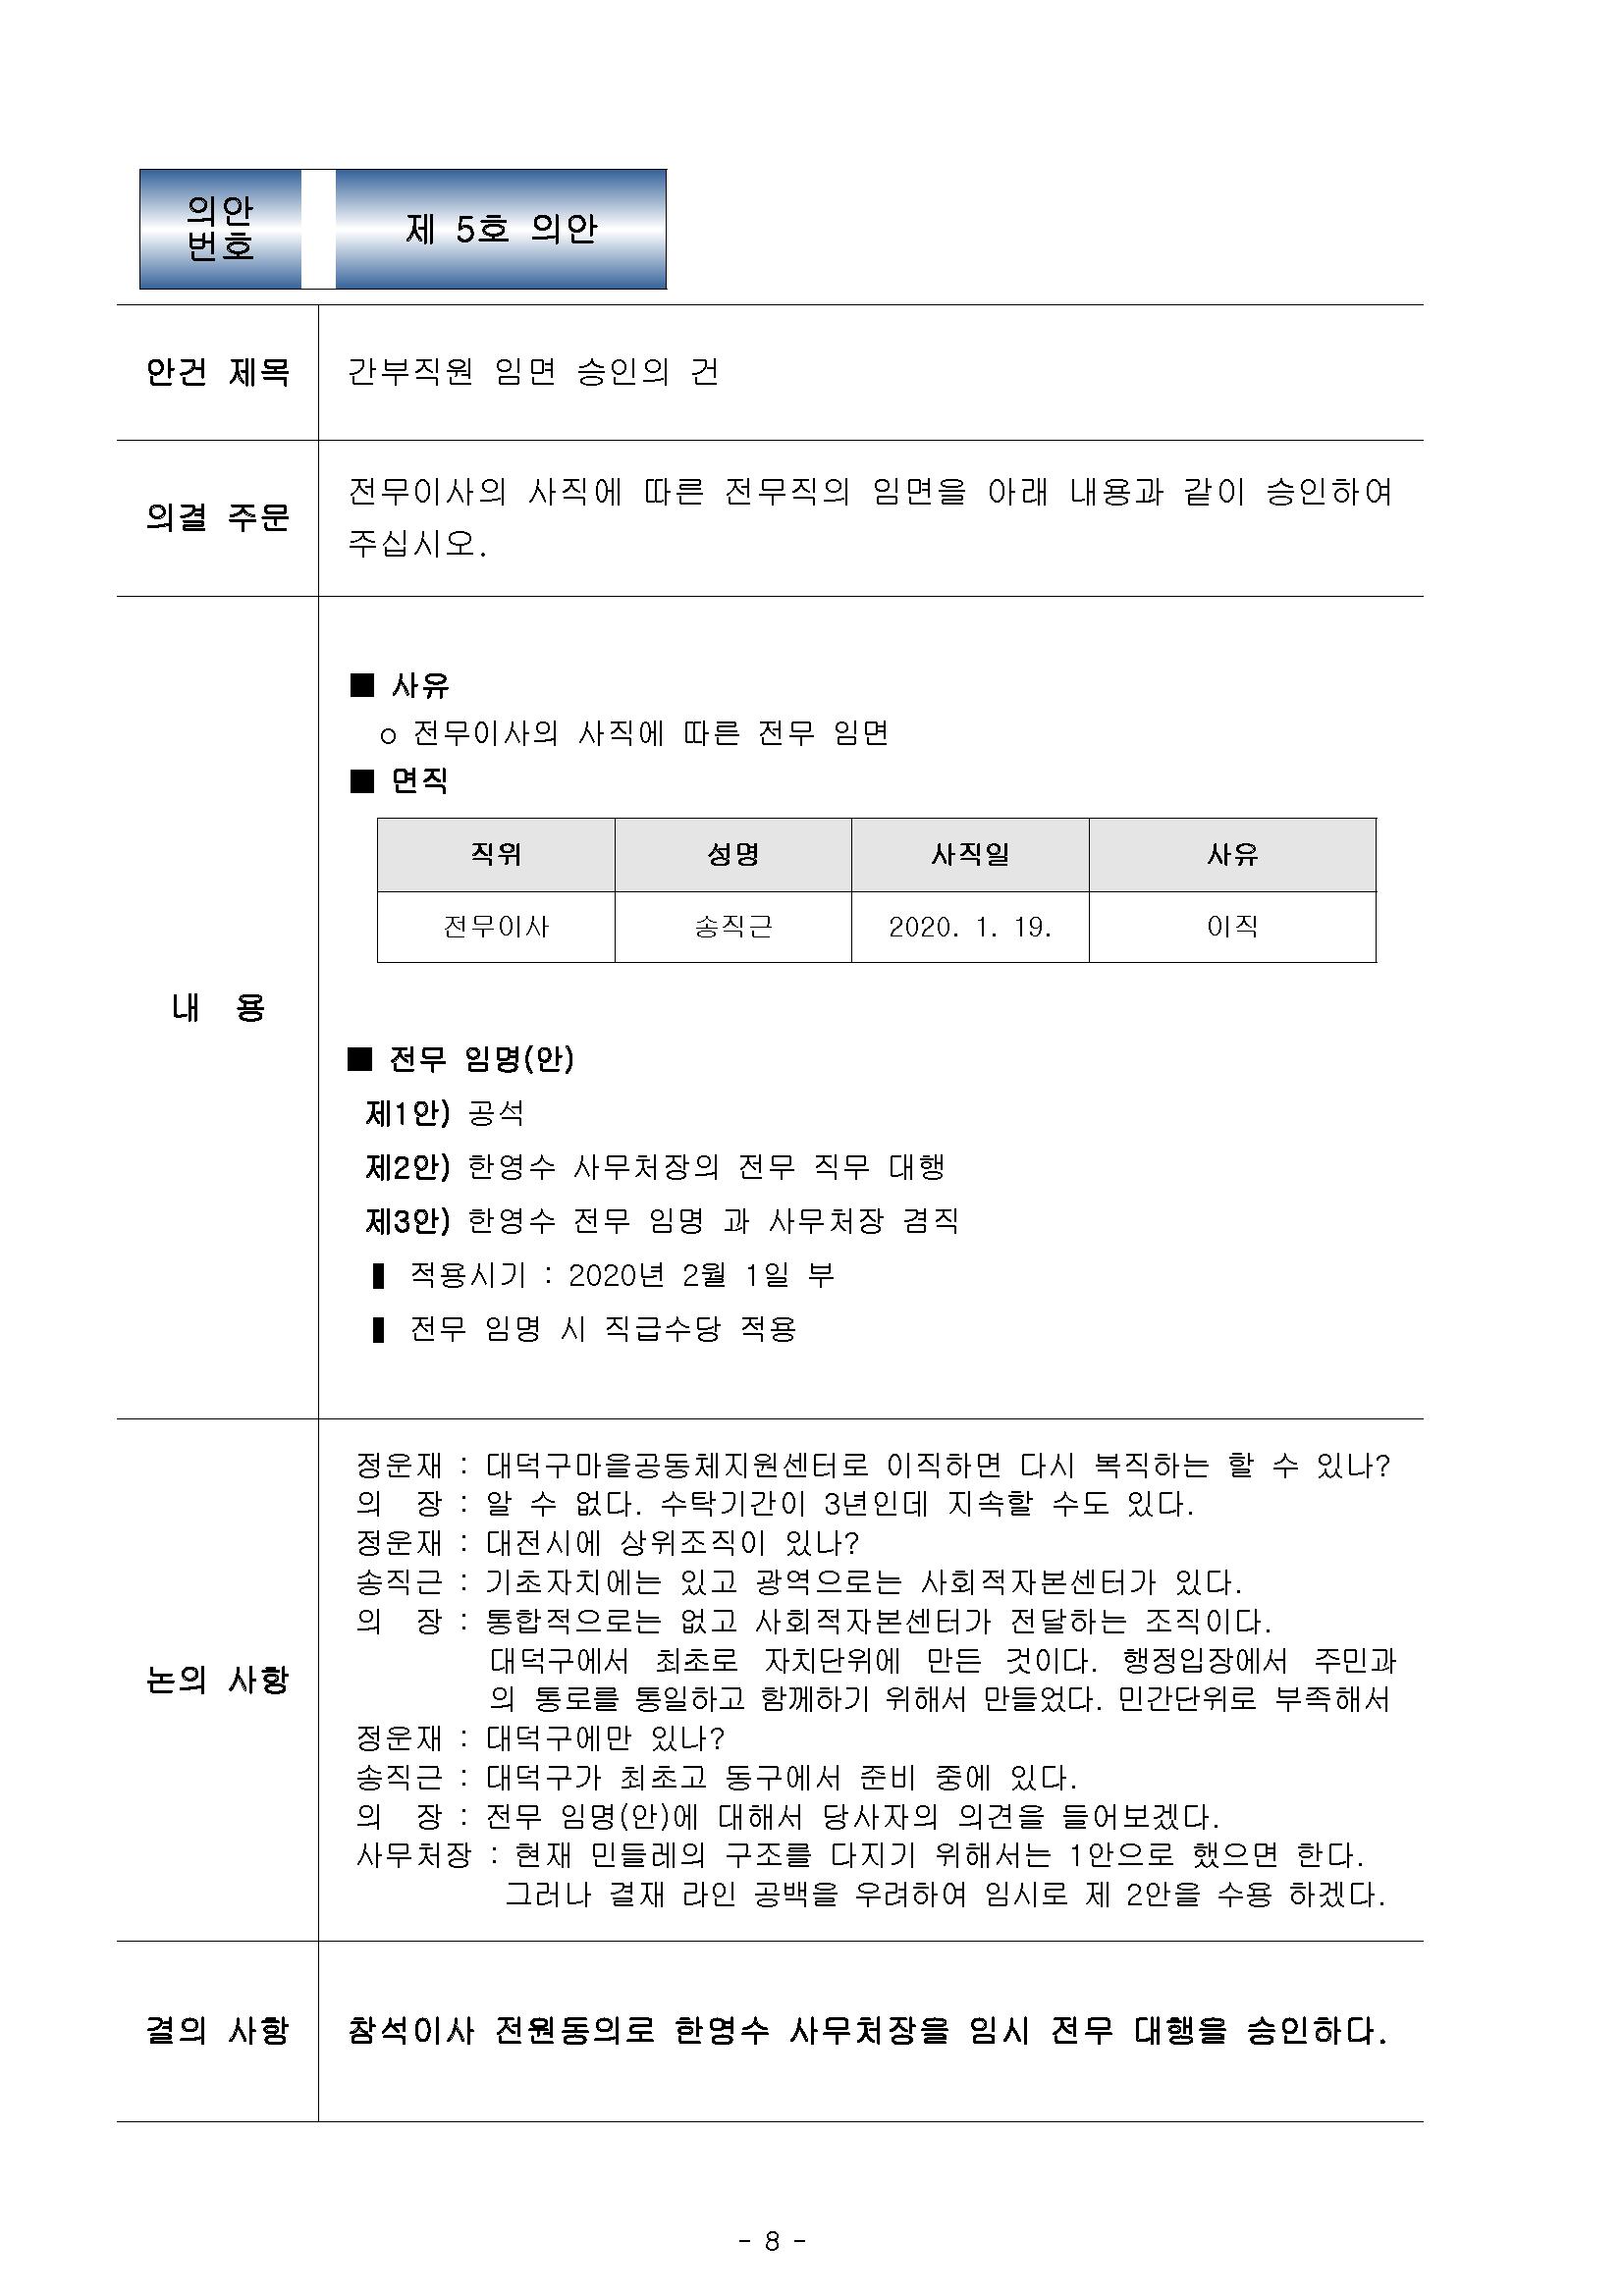 1 20200130 이사회 의사록-완료_페이지_09.png